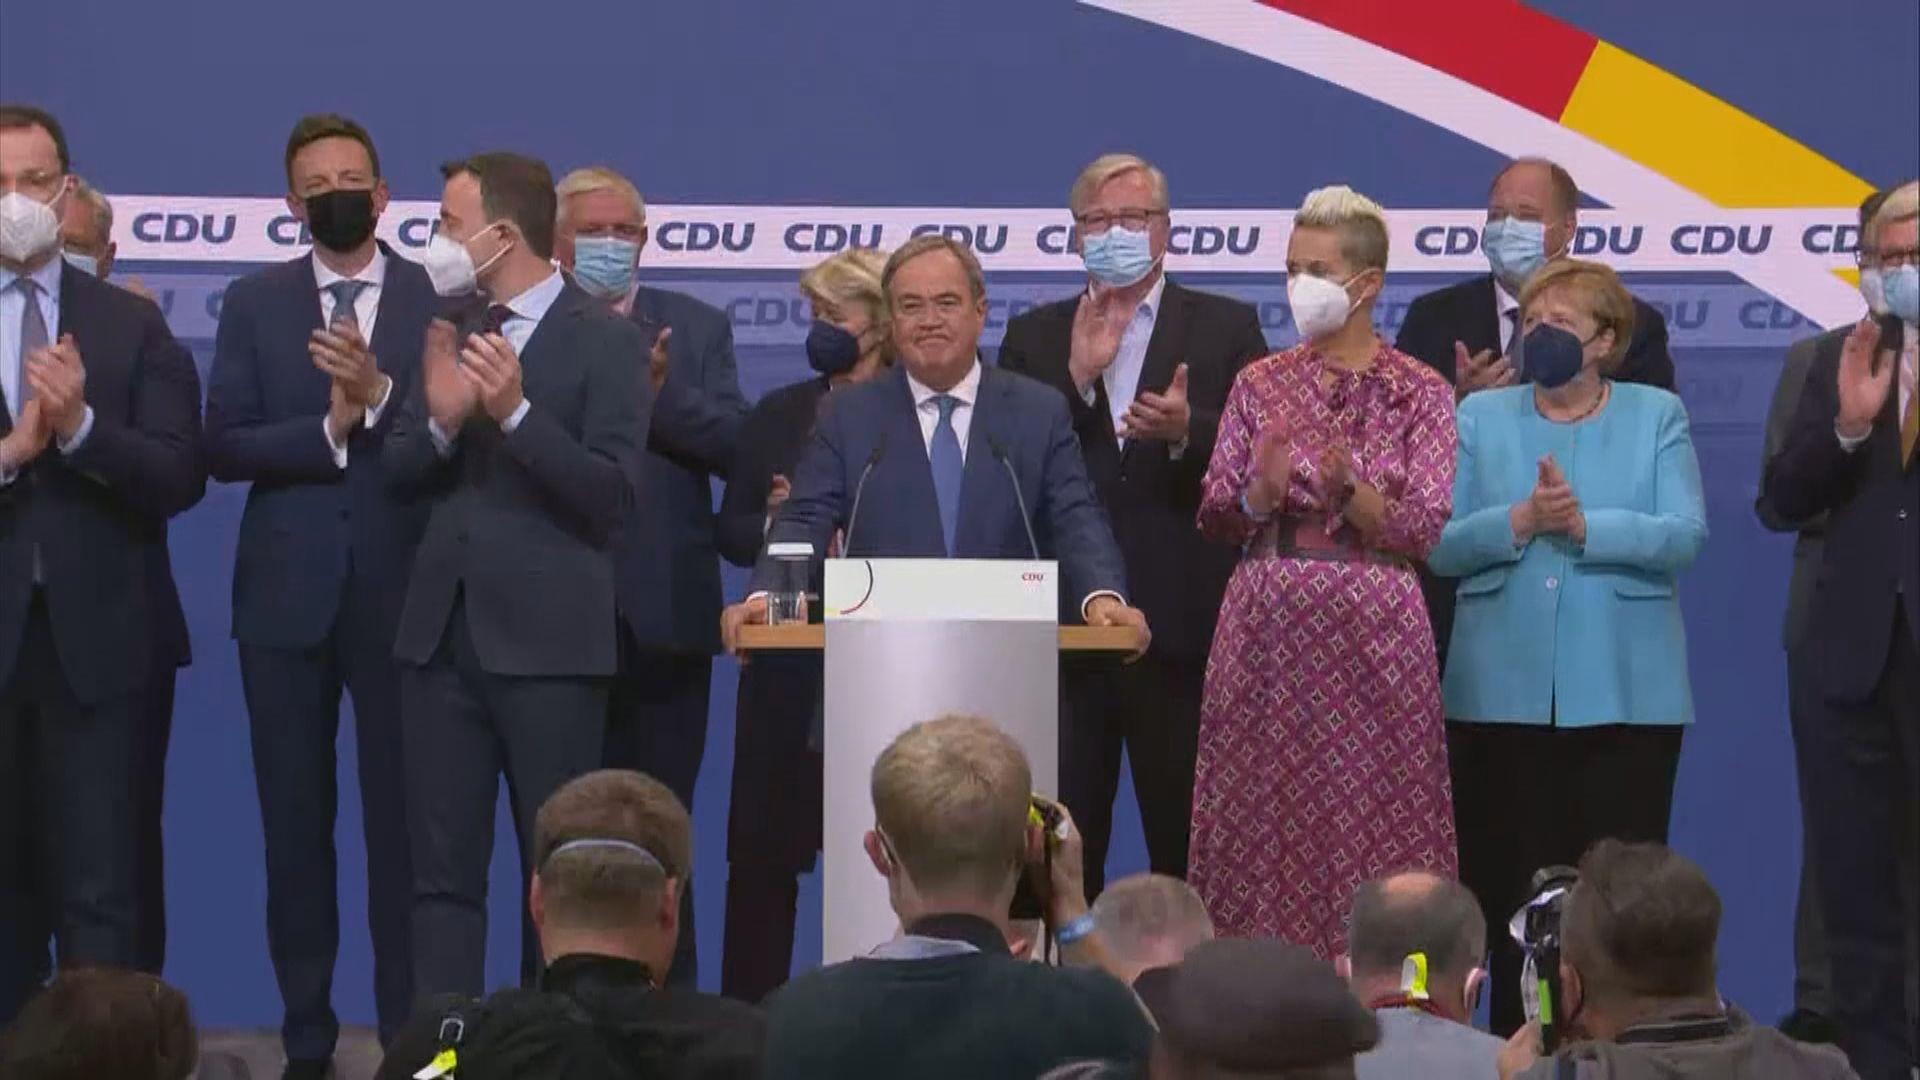 德國大選基民盟歷最差選情 默克爾接班人堪憂